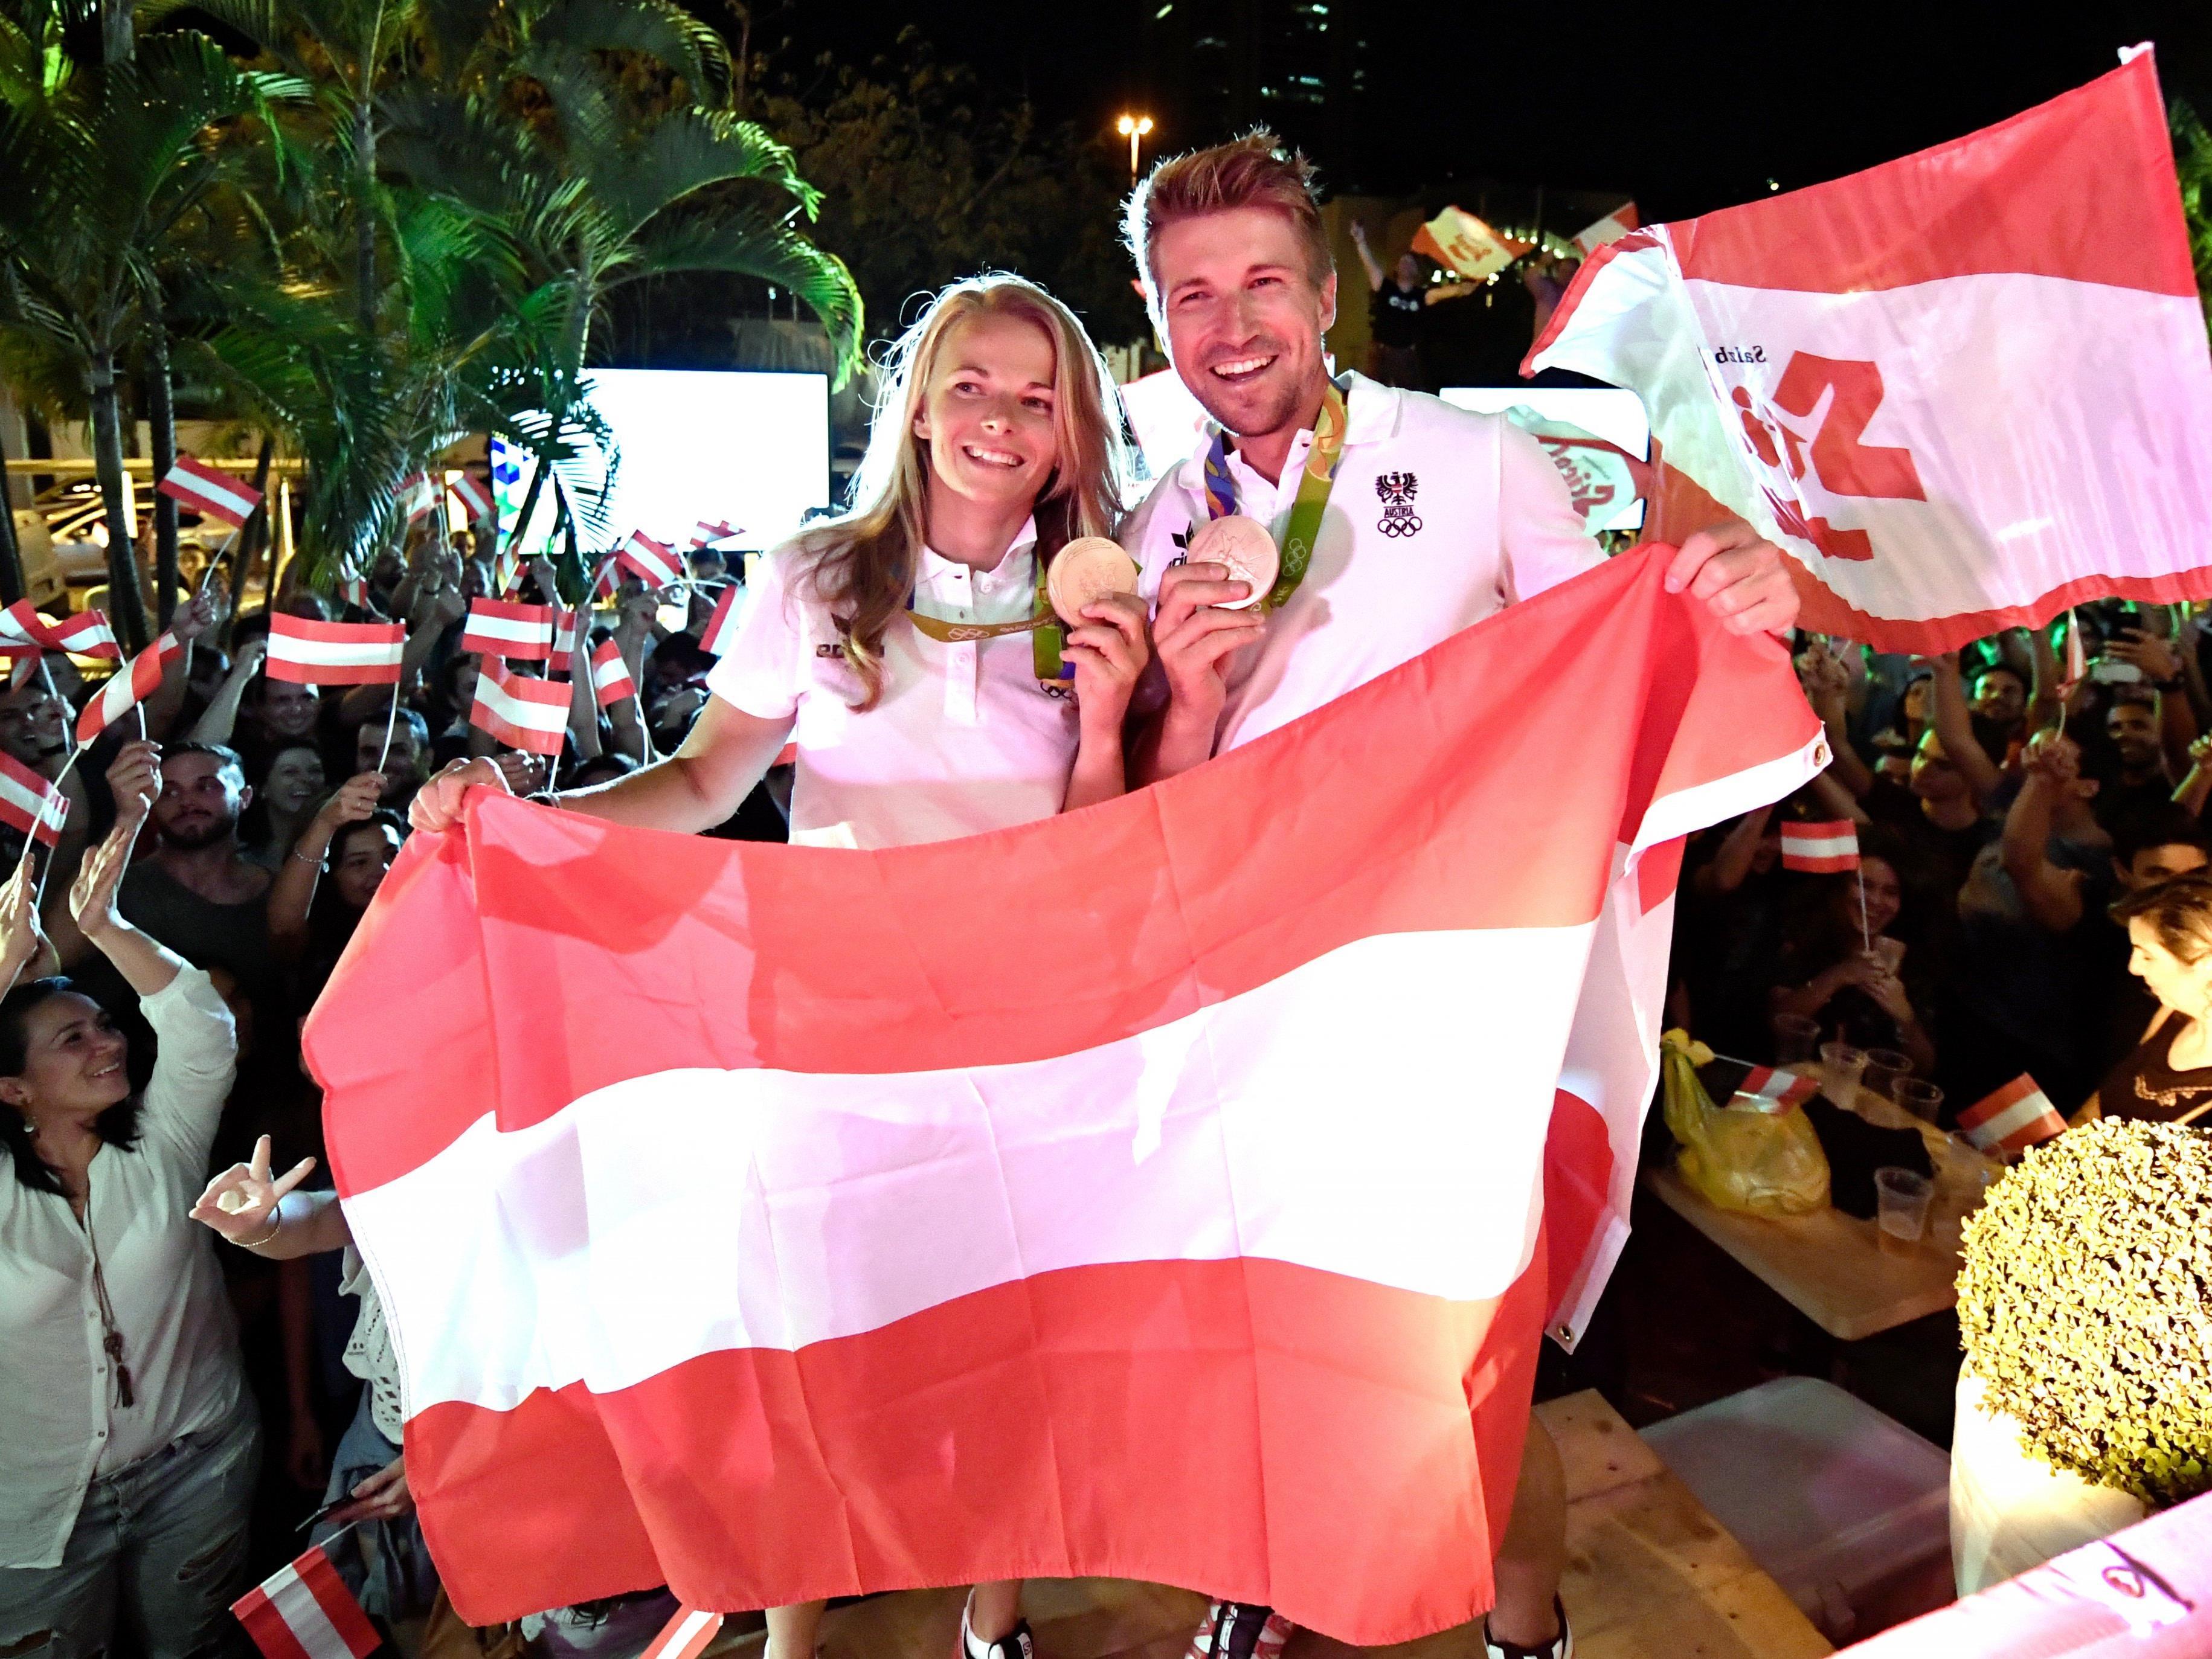 Thomas Zajac und Tanja Frank wurden im Österreich-Haus unter großem Jubel in Empfang genommen. Die beiden Segler gewannen mit Bronze die erste olympische Medaille für Österreich seit 2008.